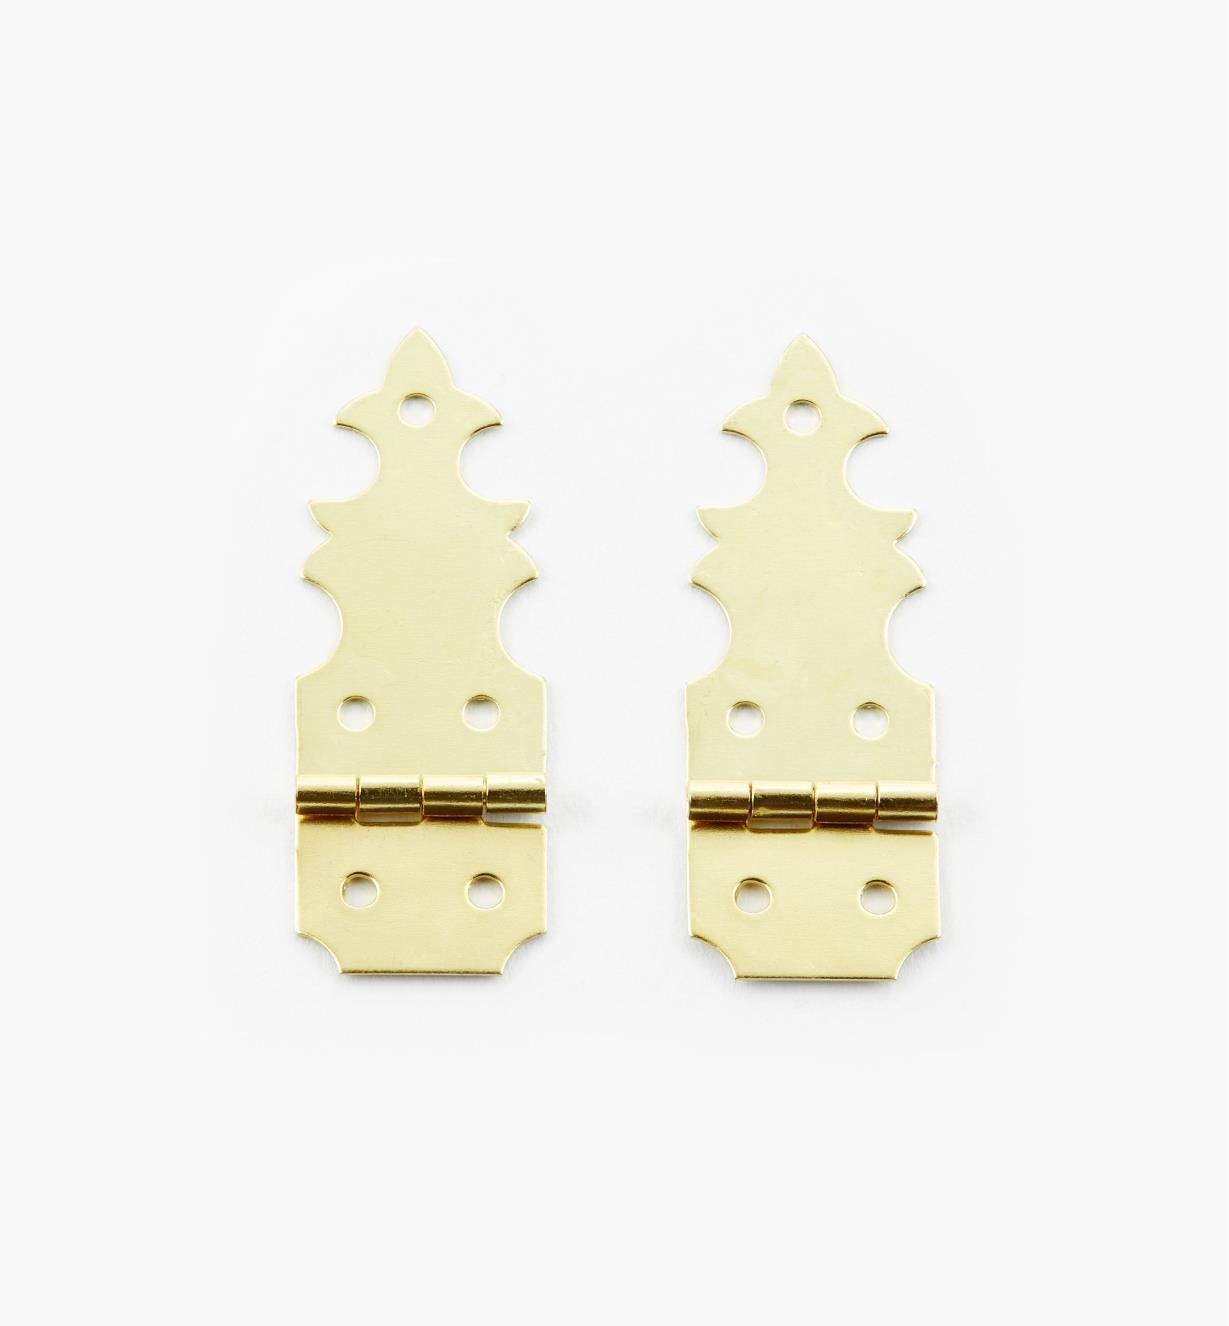 00D8050 - Pentures asymétriques en laiton, la paire